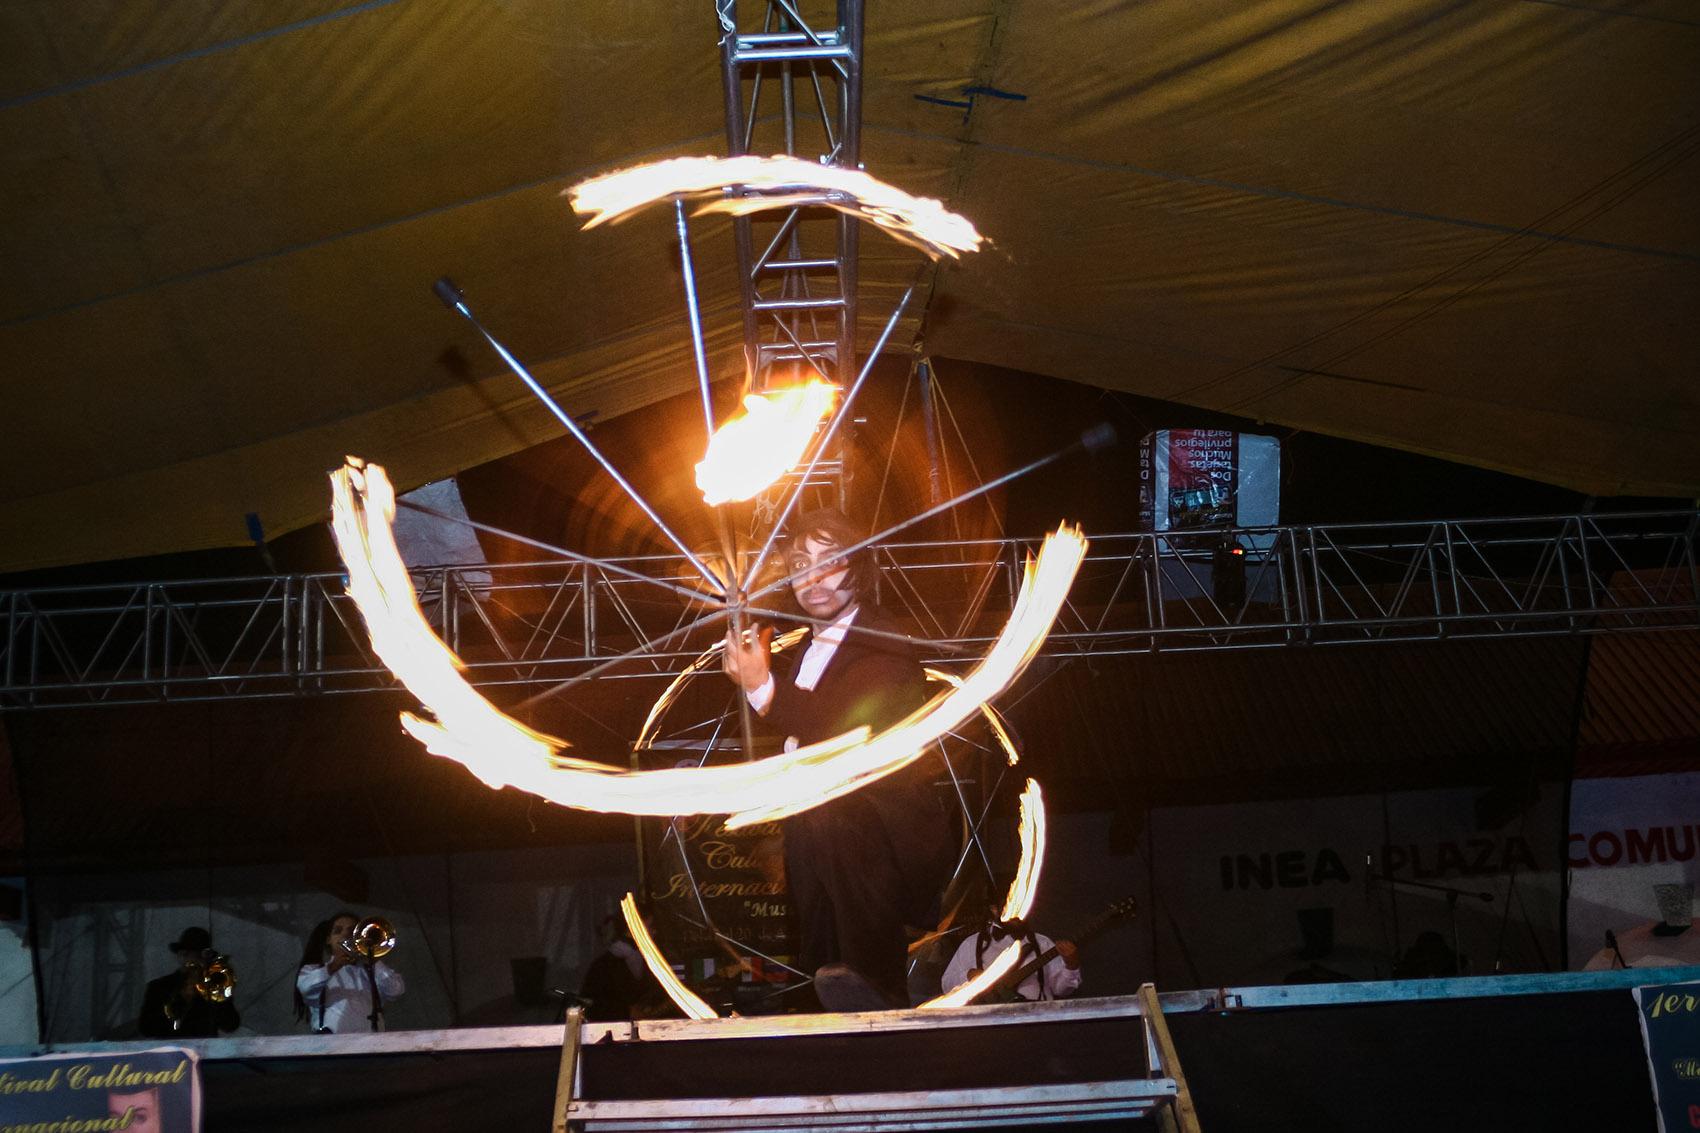 Comparsa 'la Bulla' en el 1er Festival Cultural Internacional Musa de Los Volcanes por Ockesaid a.k.a Joel Lugo - Street Photographer